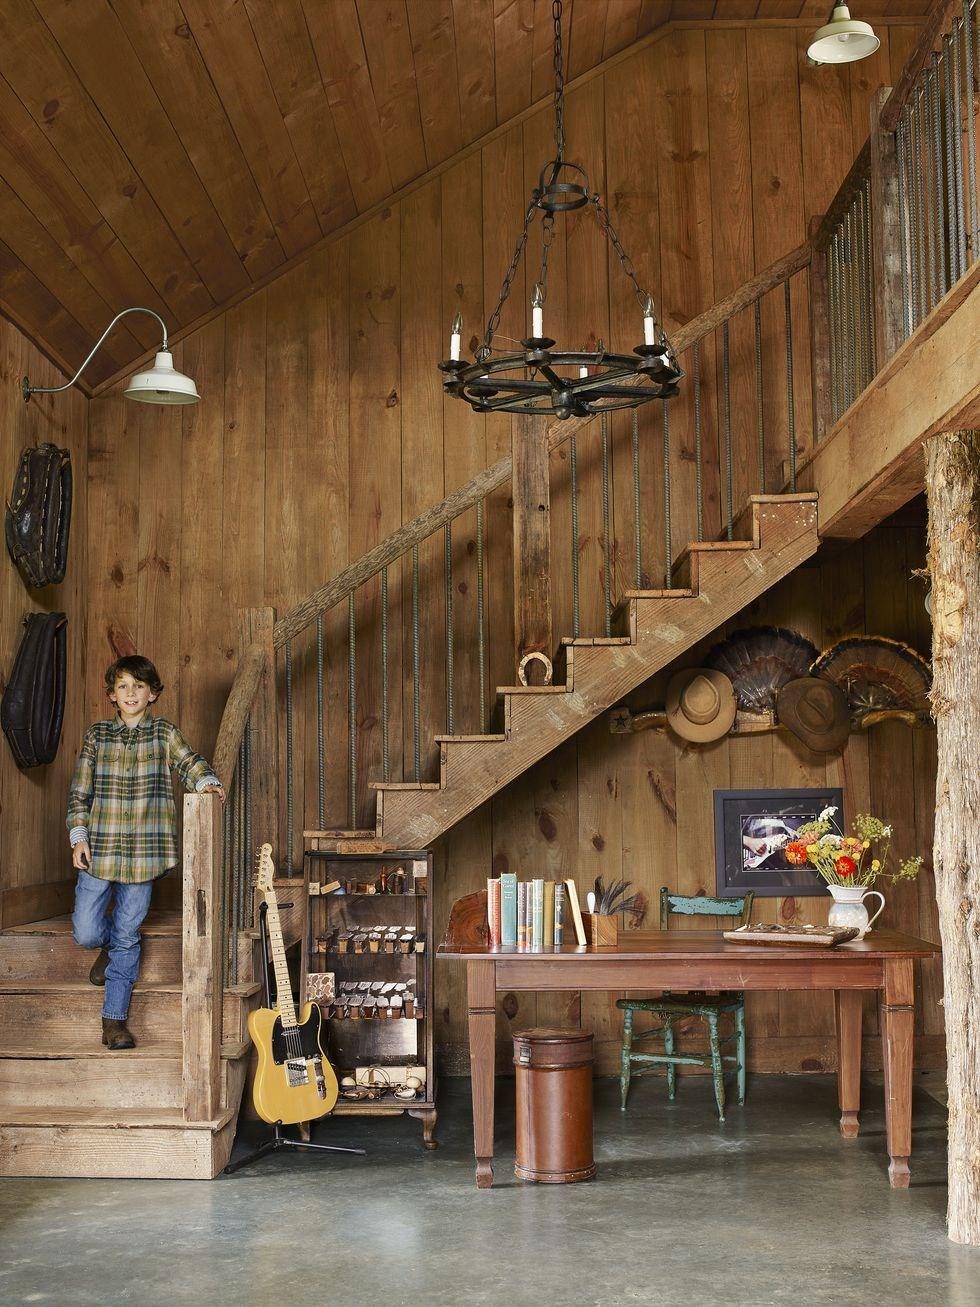 20 Best Under Stair Storage Ideas What To Do With Empty Space | Wardrobe Design Under Stairs | Shoe Rack | California Closets | Shoe | Space | Stairs Storage Solutions